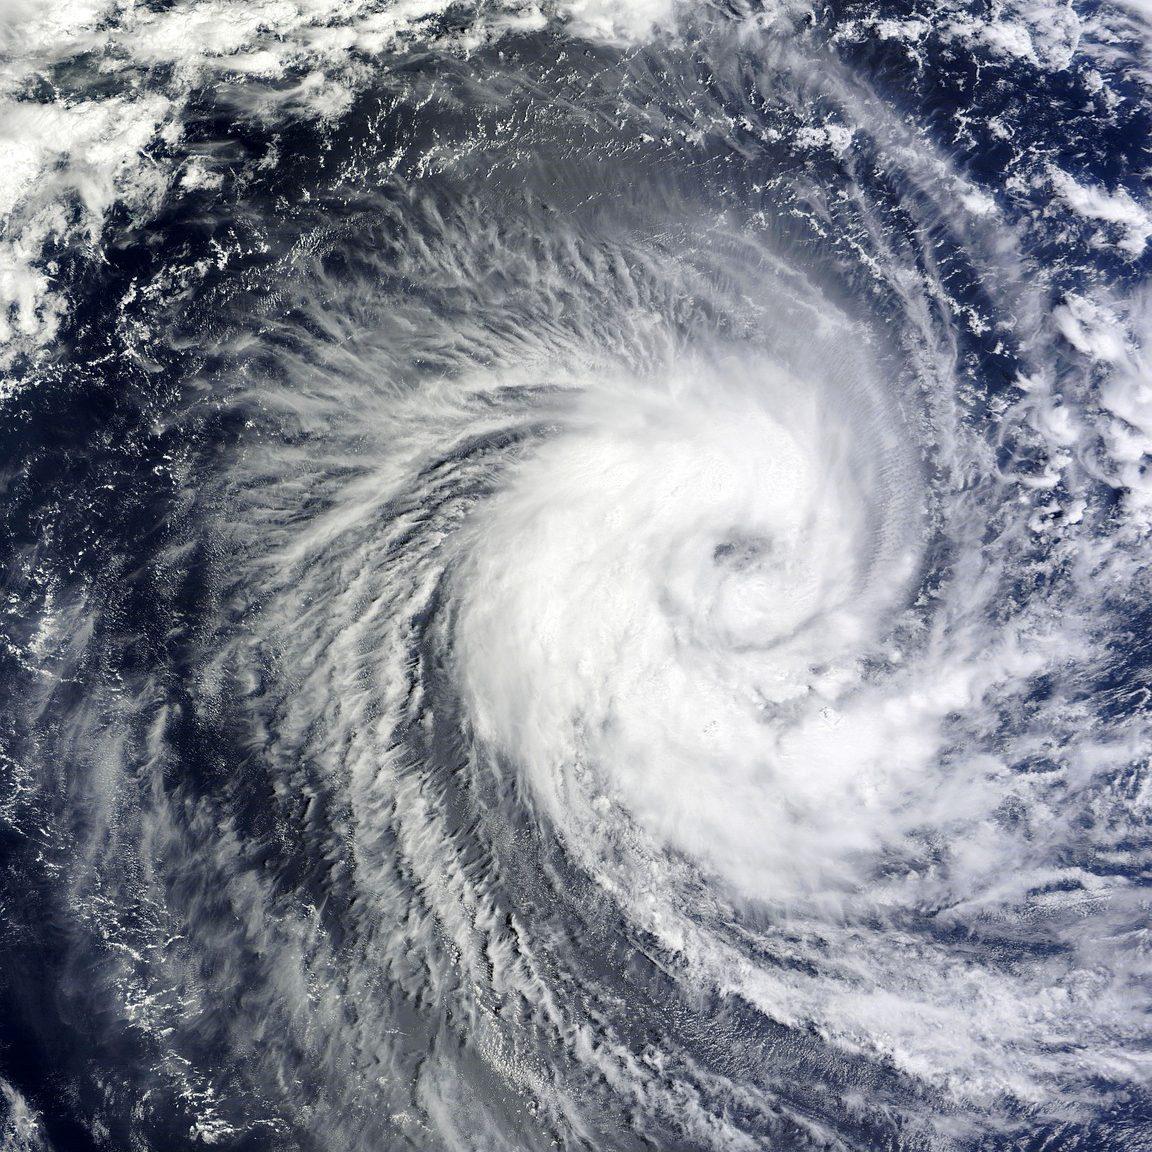 【ダイビング】台風の影響が出始めるのはいつから??